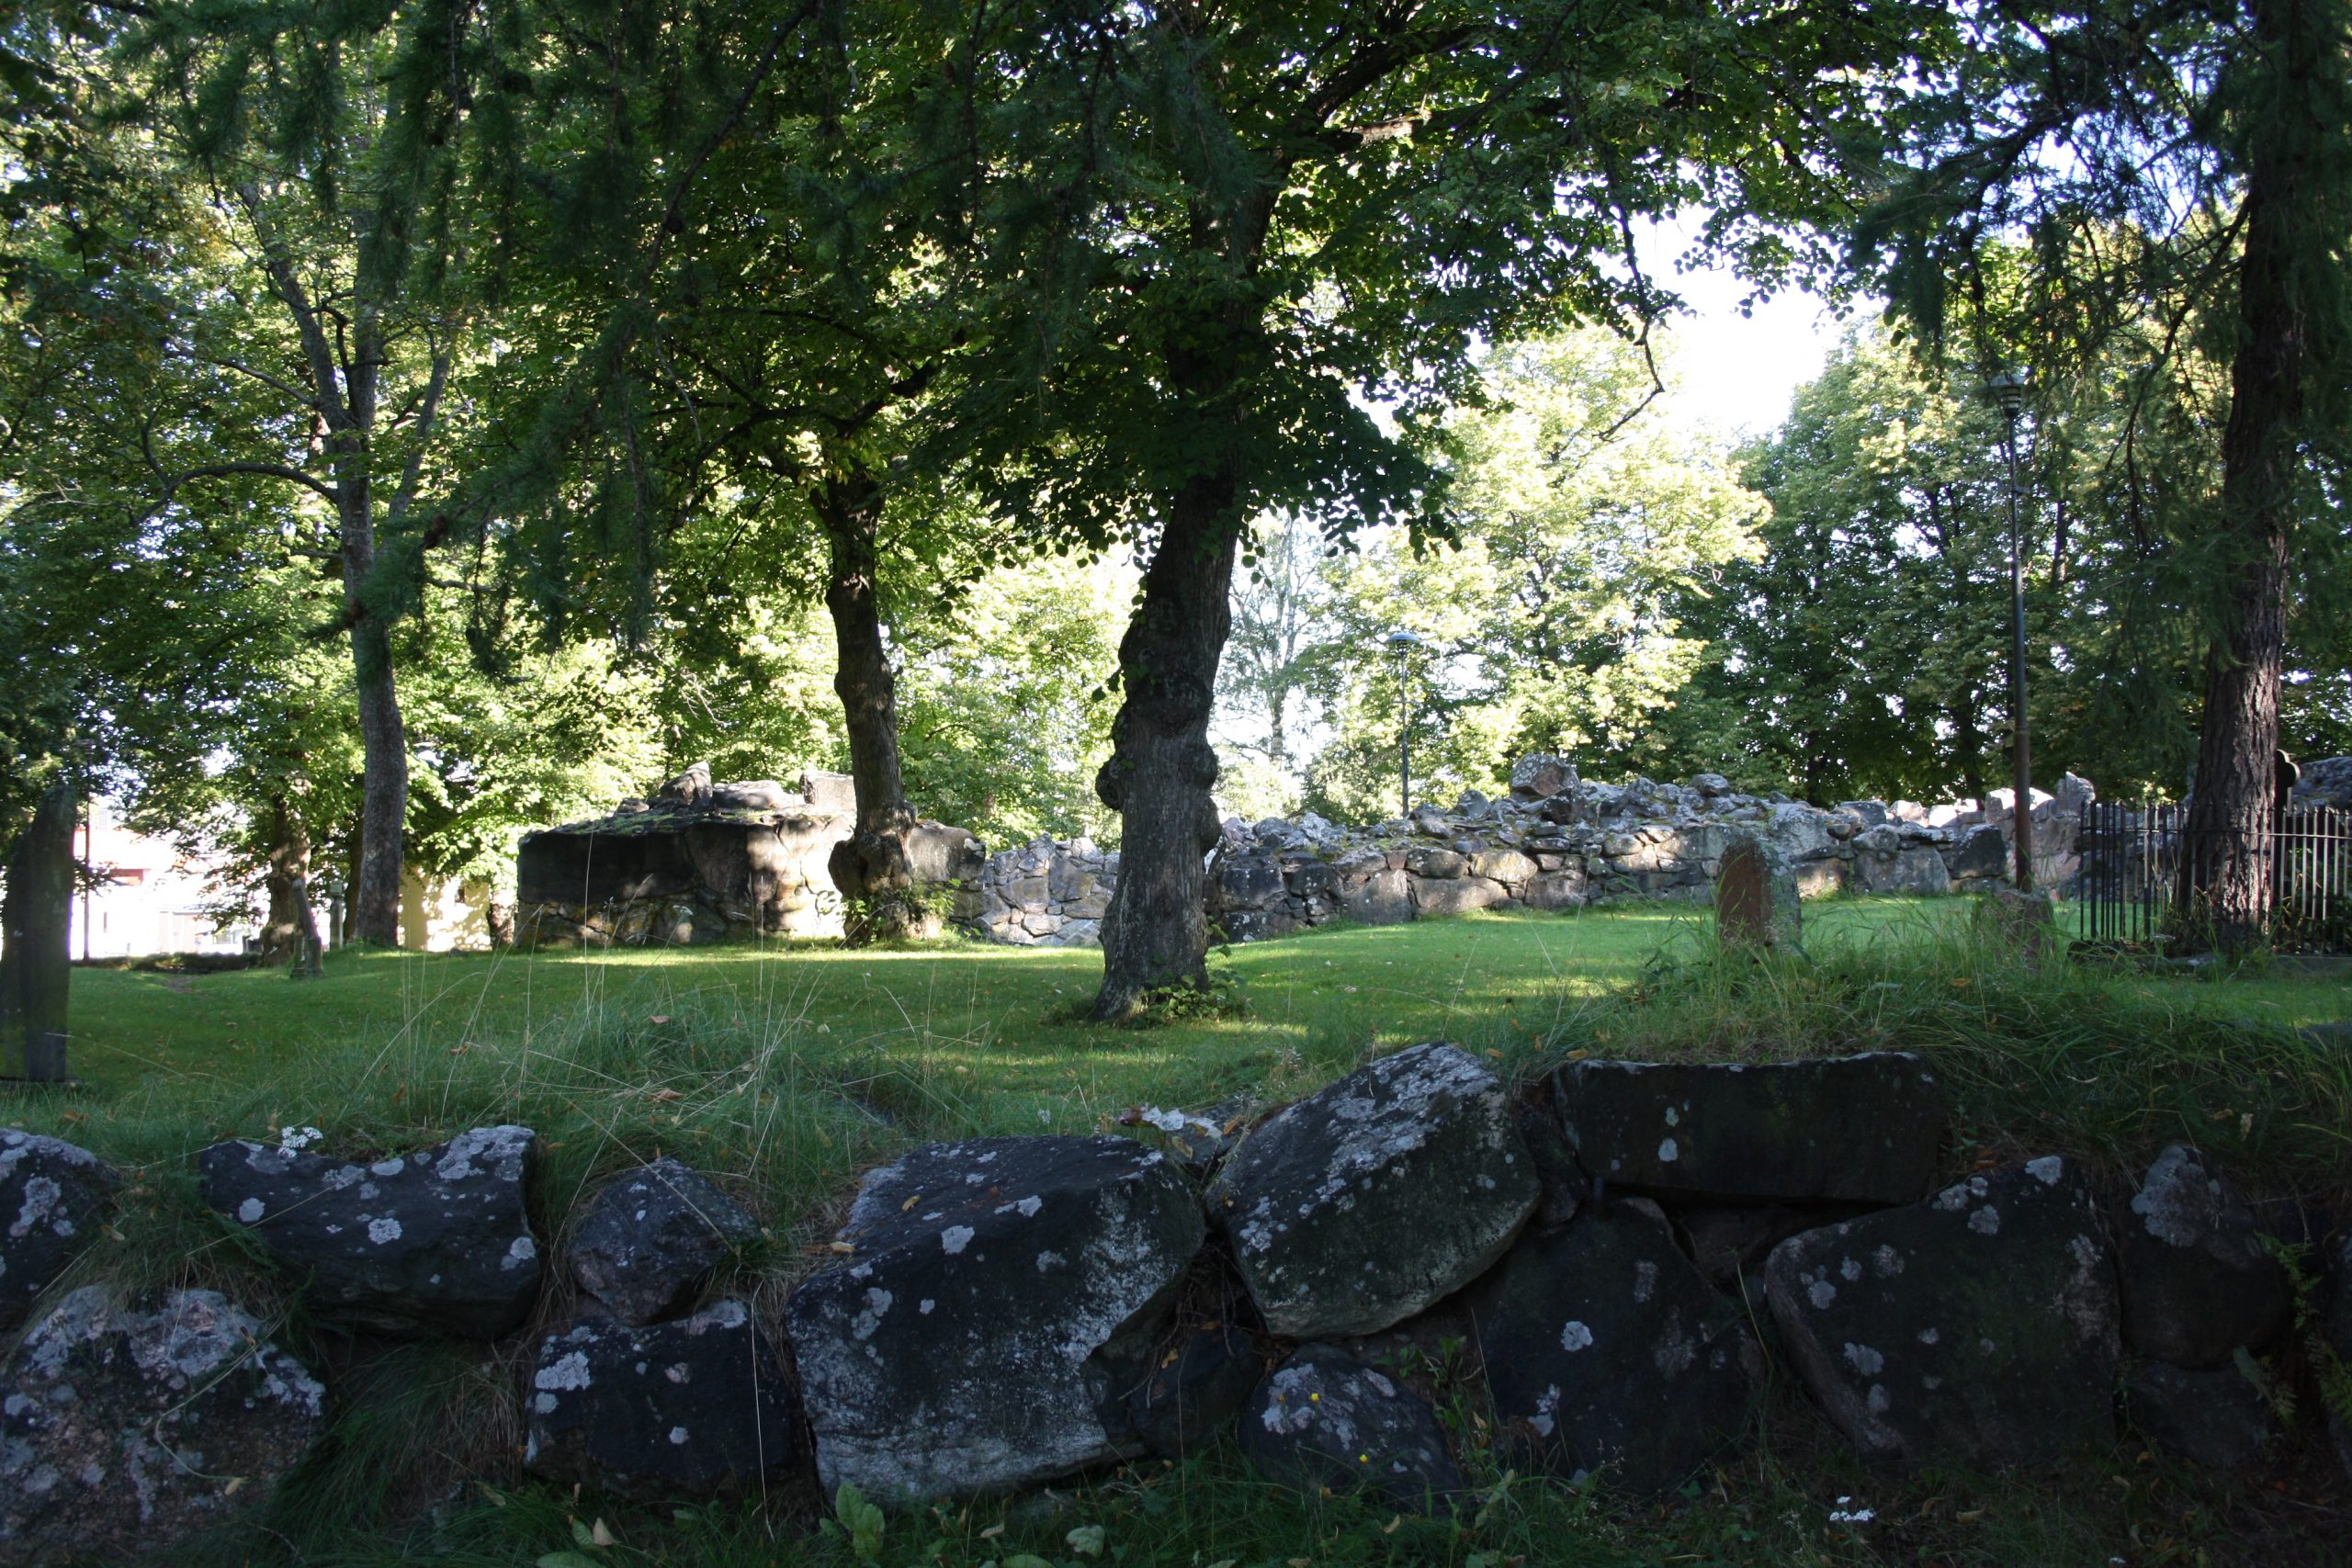 Kuvassa näkyy niin sanotusti kivinen aitaus, joka rajaa sisällensä vehreää nurmikkoa.